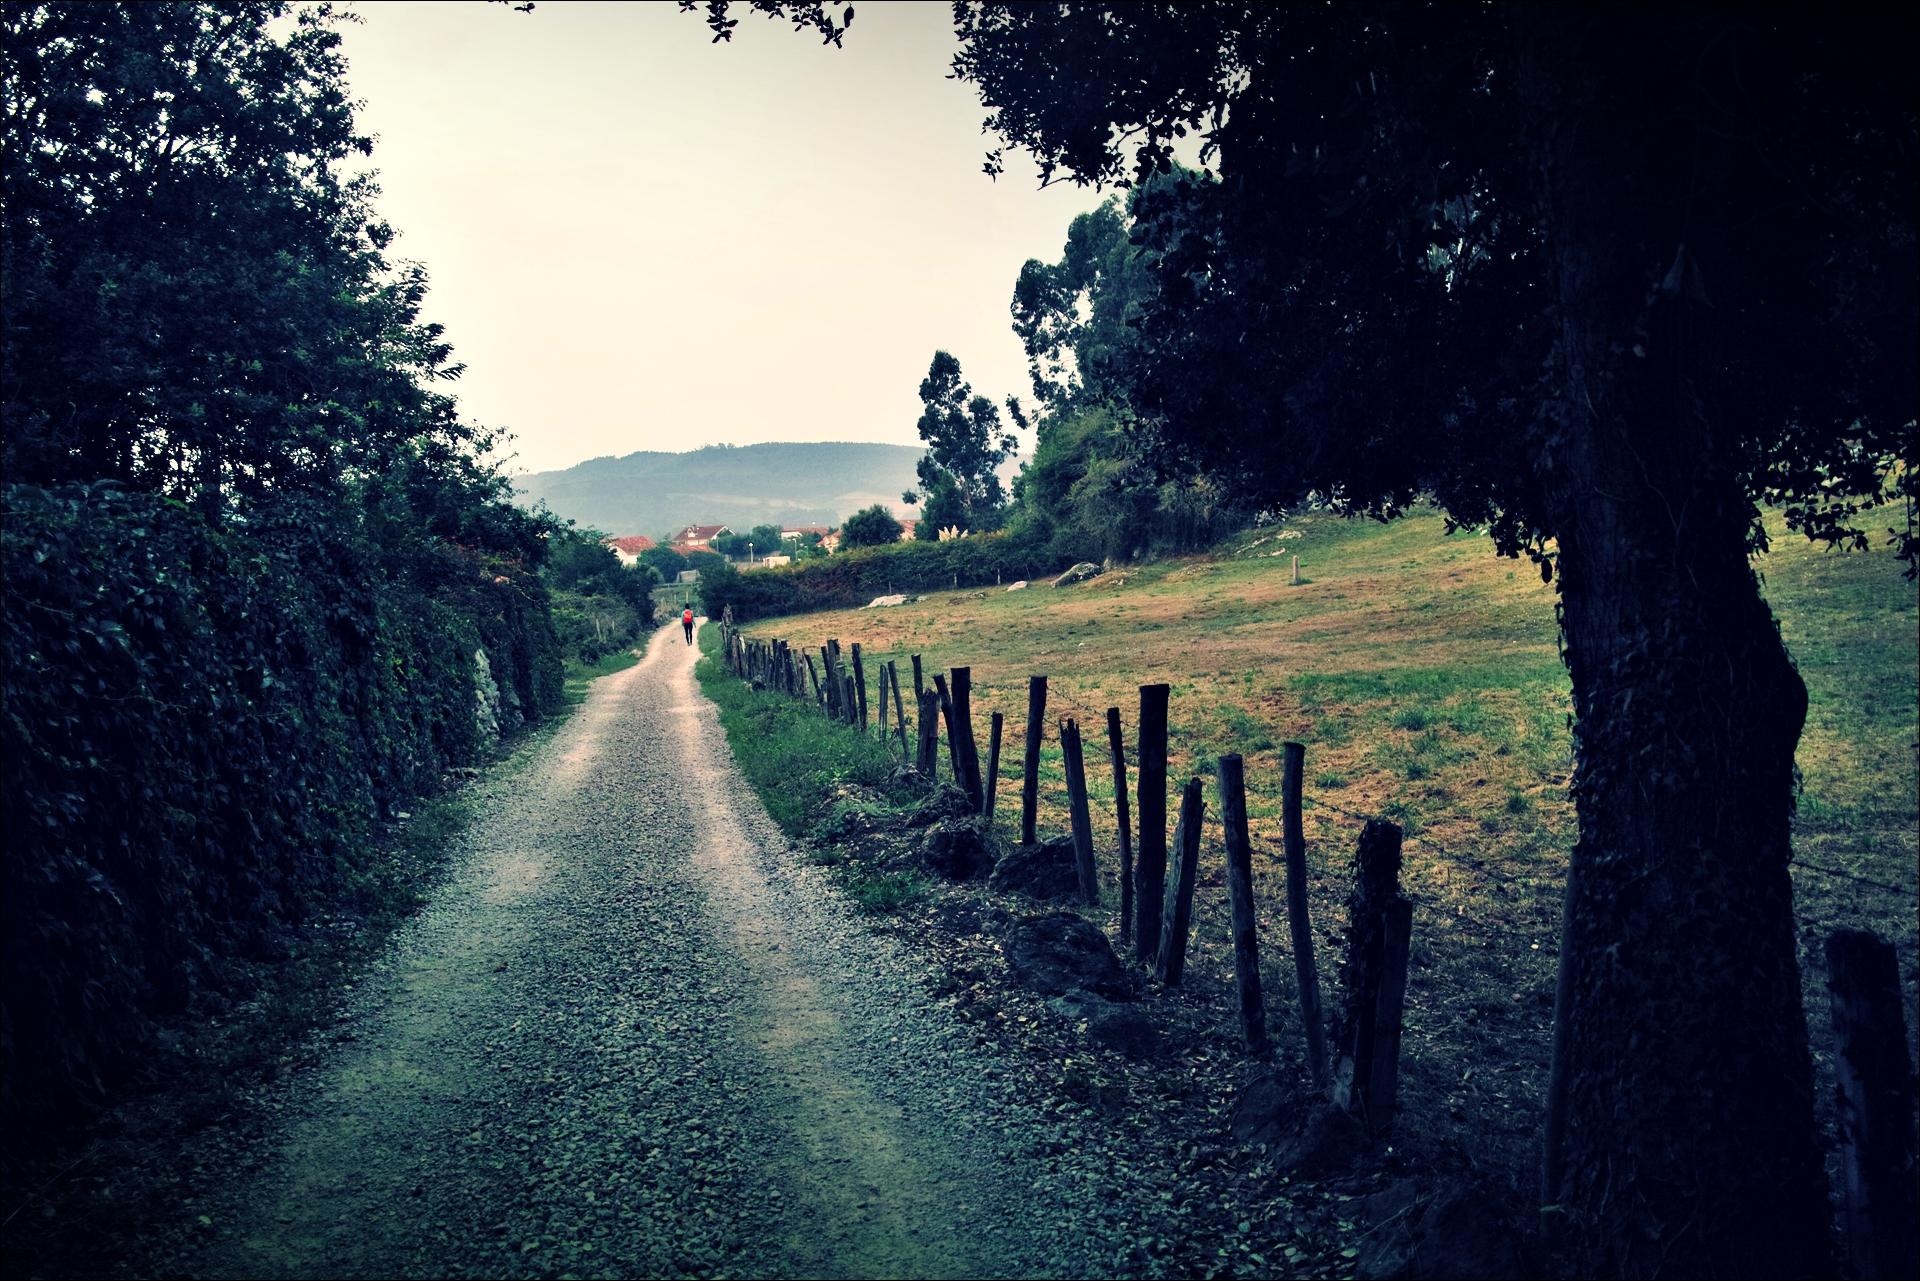 길-'카미노 데 산티아고 북쪽길. 노하에서 궤메스. (Camino del Norte - Noja to Güemes)'